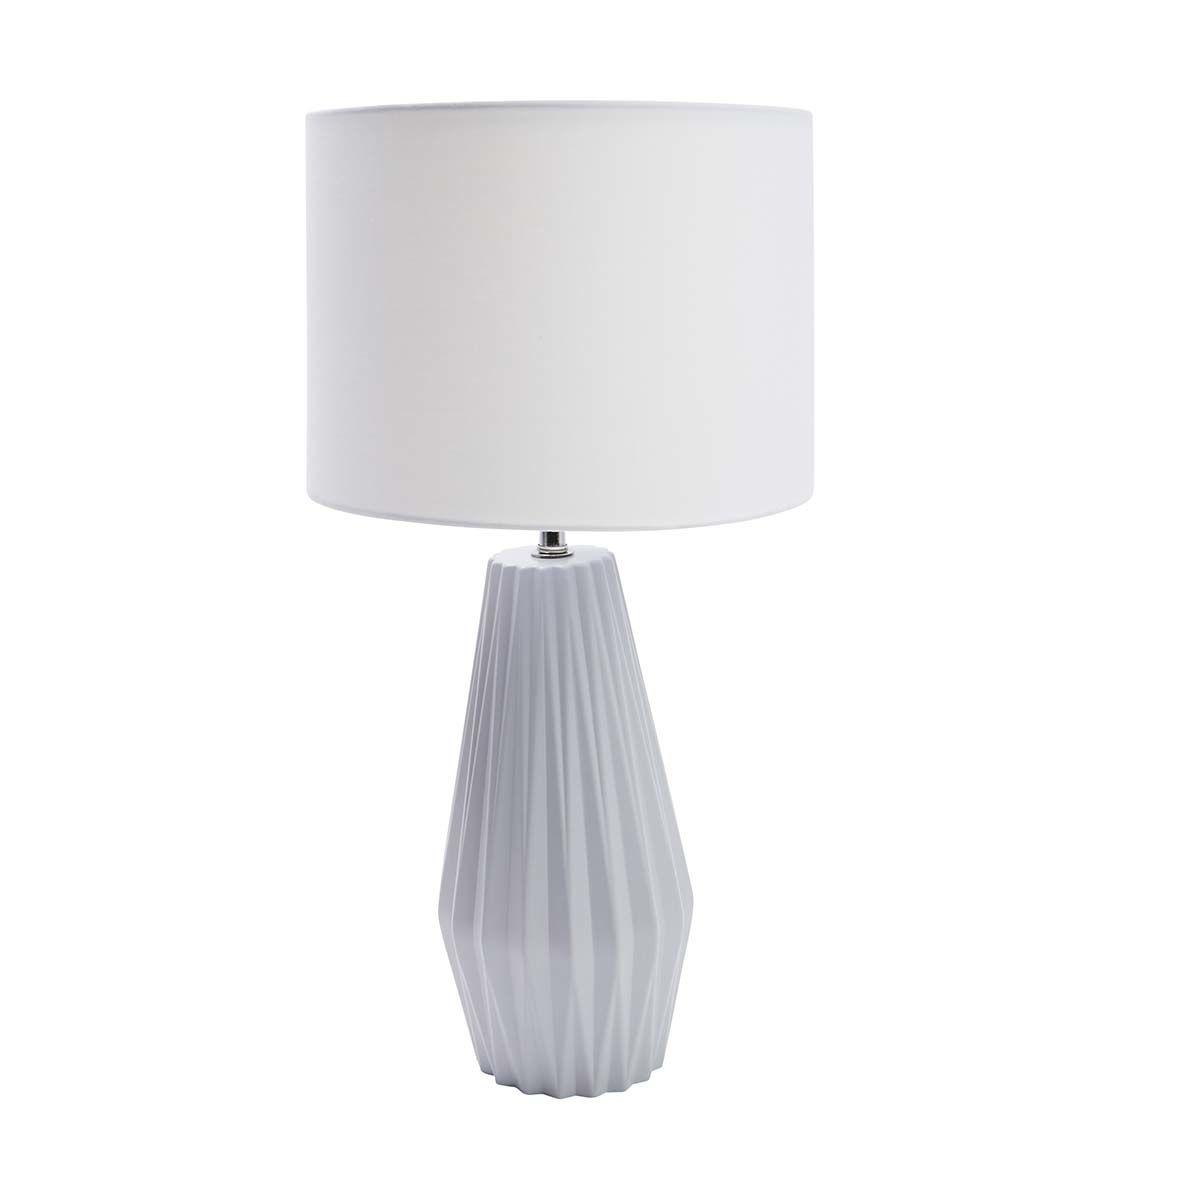 Nalu lamp kmart 20 furnitureinterior design pinterest nalu nalu lamp kmart 20 aloadofball Image collections